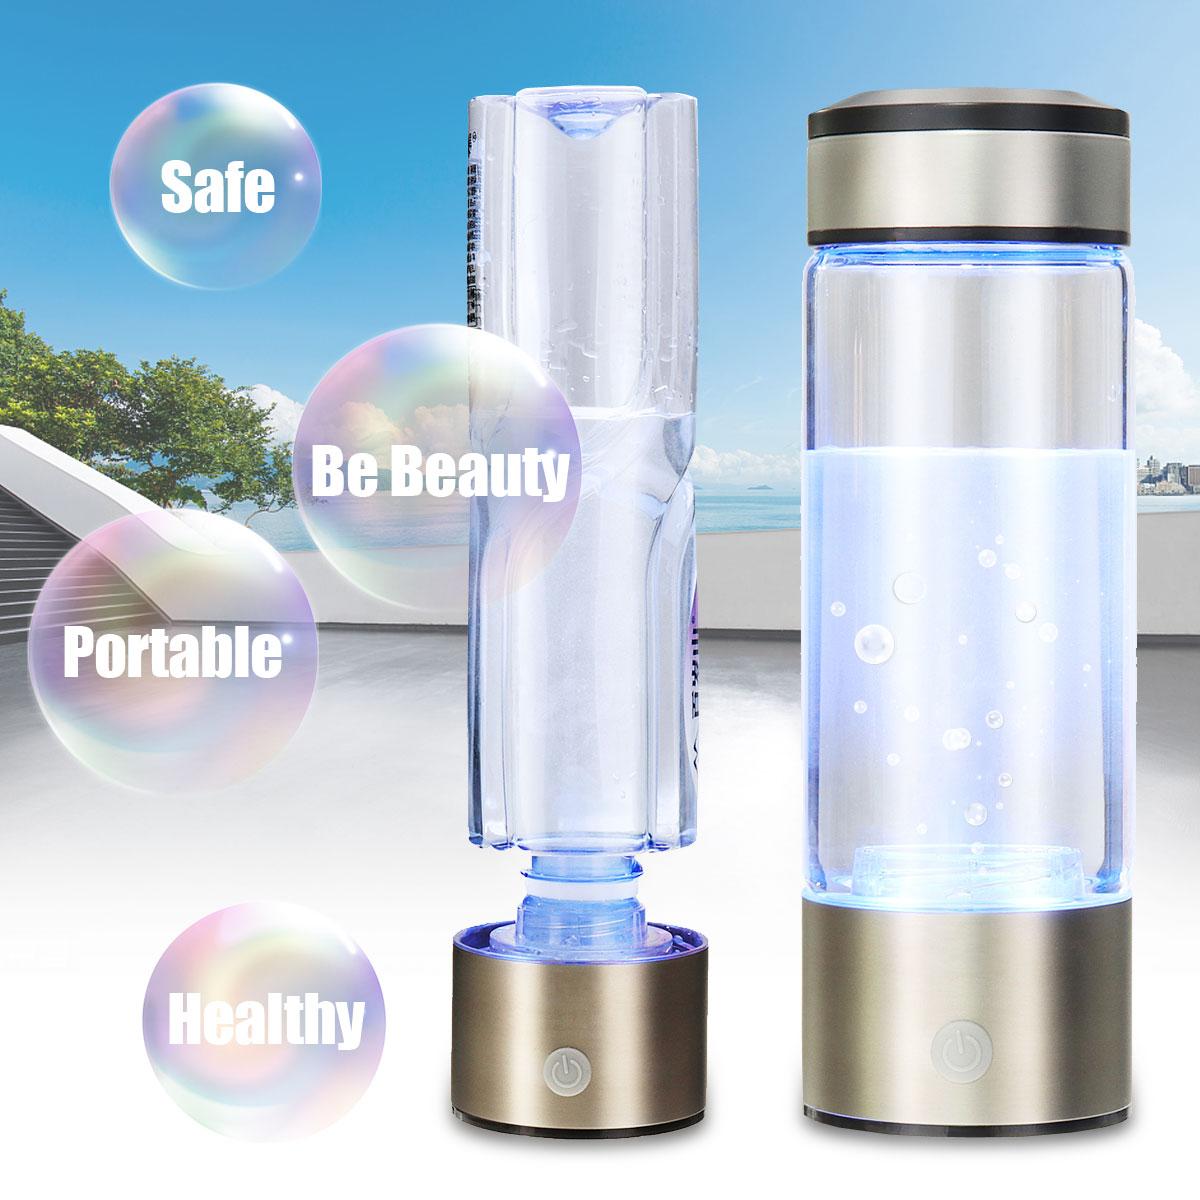 Portable Hydrogen Rich Water Bottle Alkaline lonizer Hydrogen Water Generator Maker Rechargeable Water Filter Ionizer Anti Aging|Water Filters|Home Appliances - title=